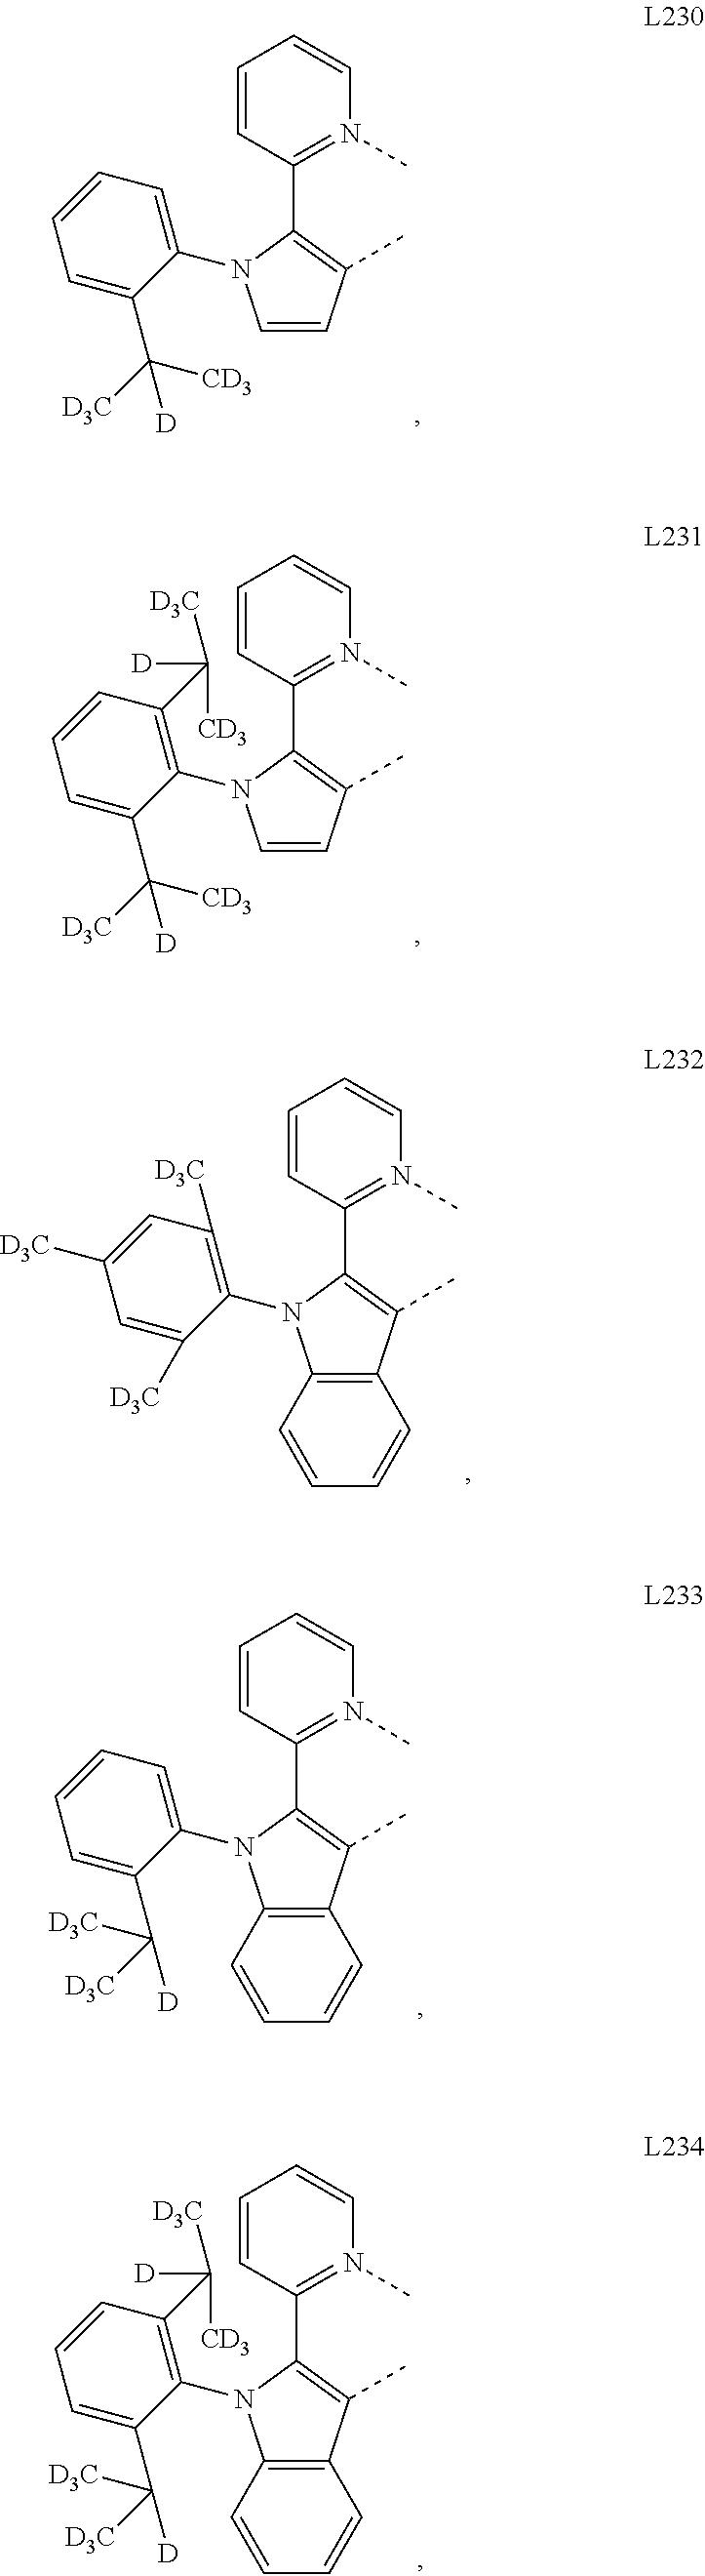 Figure US09935277-20180403-C00052